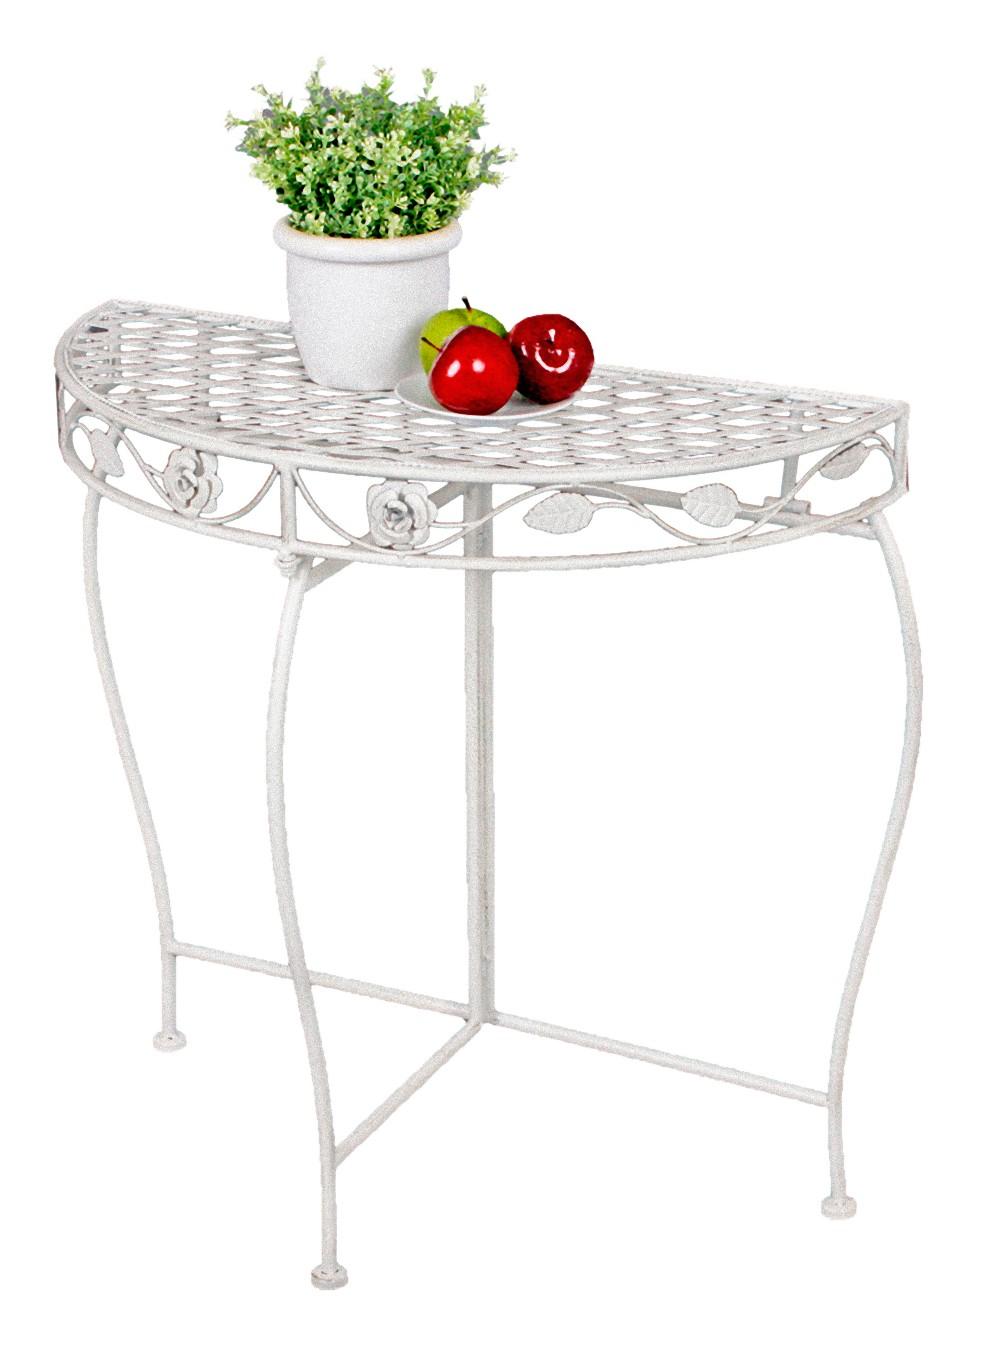 Beistelltisch antik metall  Metall Tisch Gartentisch Beistelltisch Antik weiß Garten Balkon ...